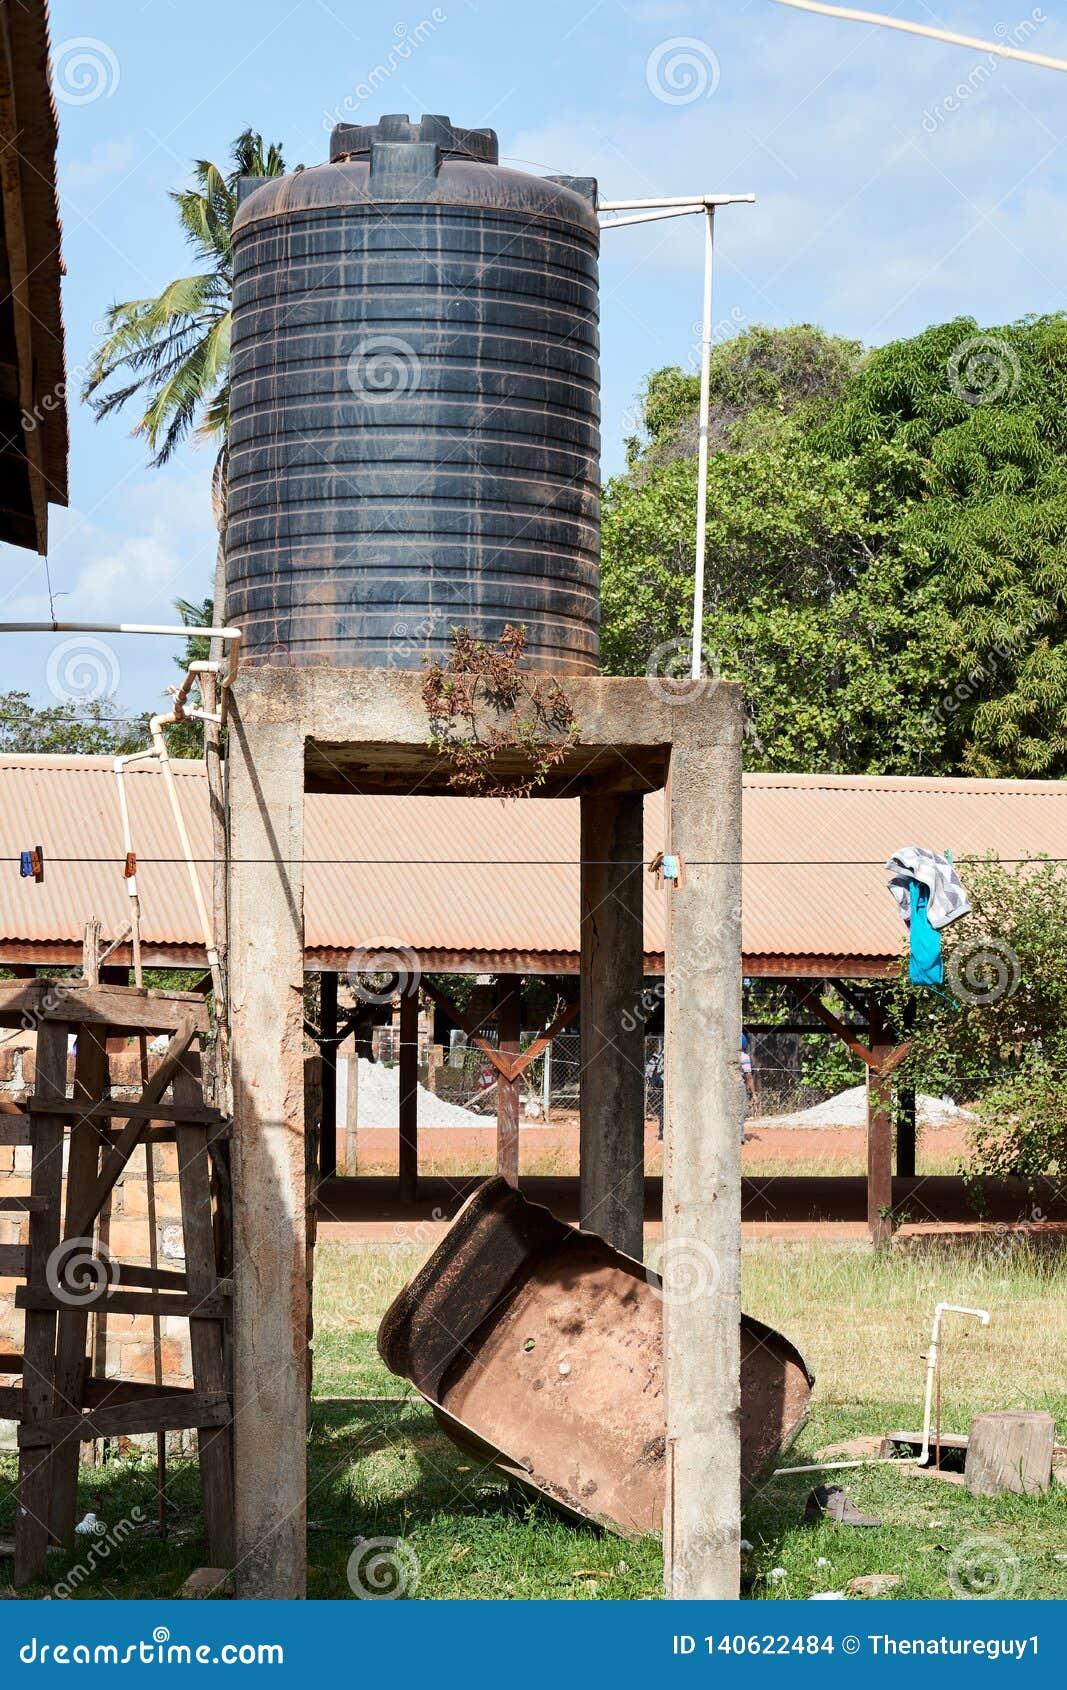 Wohnplastikwasserversorgungsbehälter auf Hochbahnsteig in Lethem Guyana